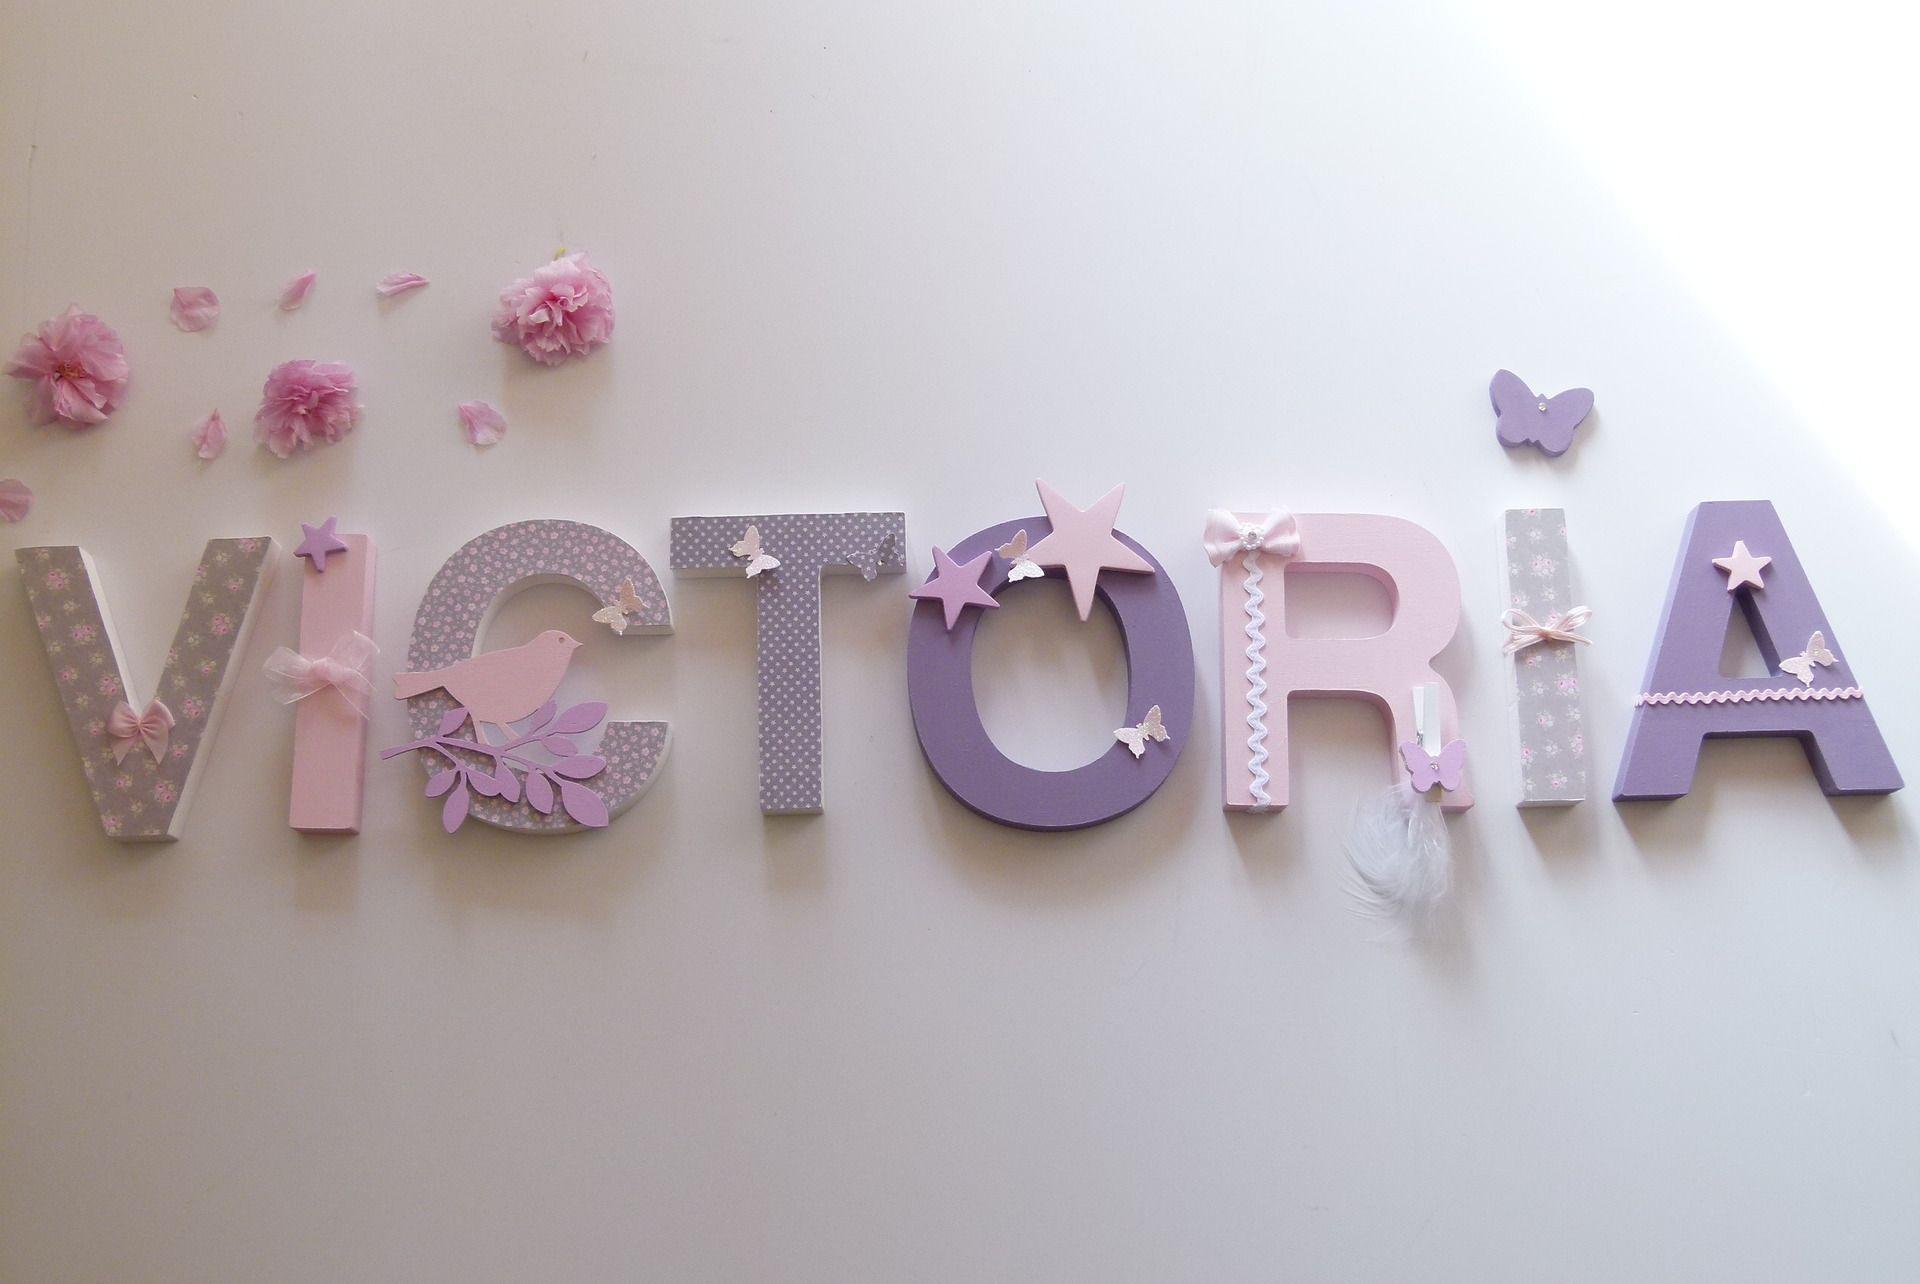 victoria prenom lettres bois poetiques de 12cm sur commande d coration pour enfants par joli. Black Bedroom Furniture Sets. Home Design Ideas